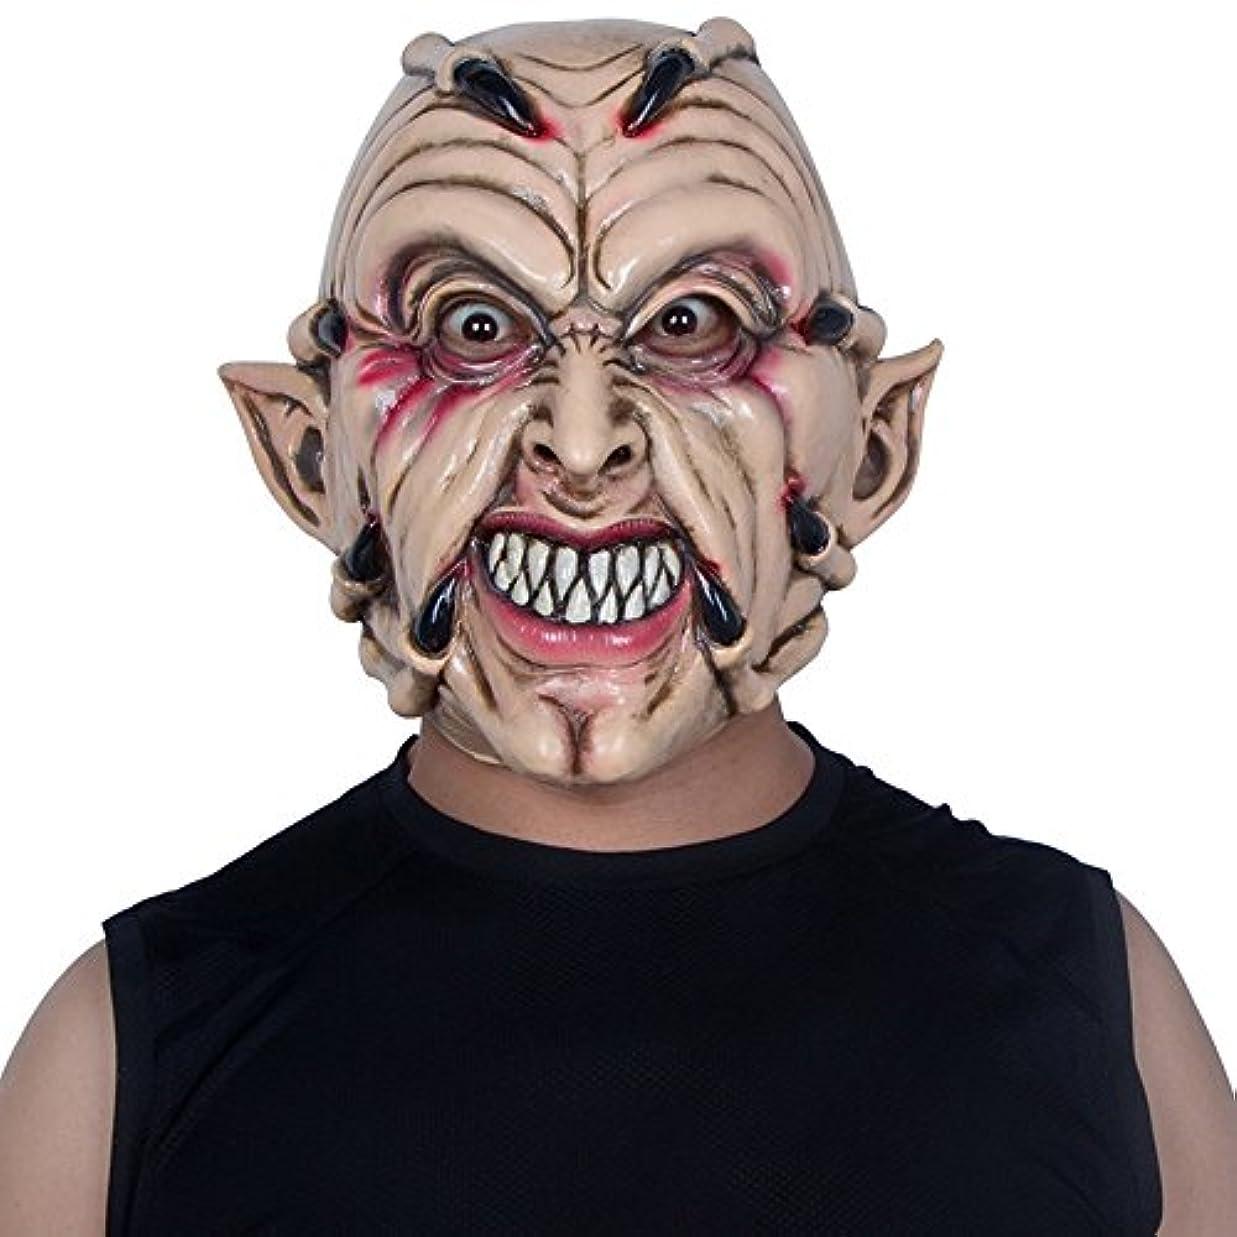 ランデブー自己一次ハロウィンマスクホラー大人の男性フルフェイスラテックスフードデビルゴーストクローダンスパーティー整頓怖い小道具